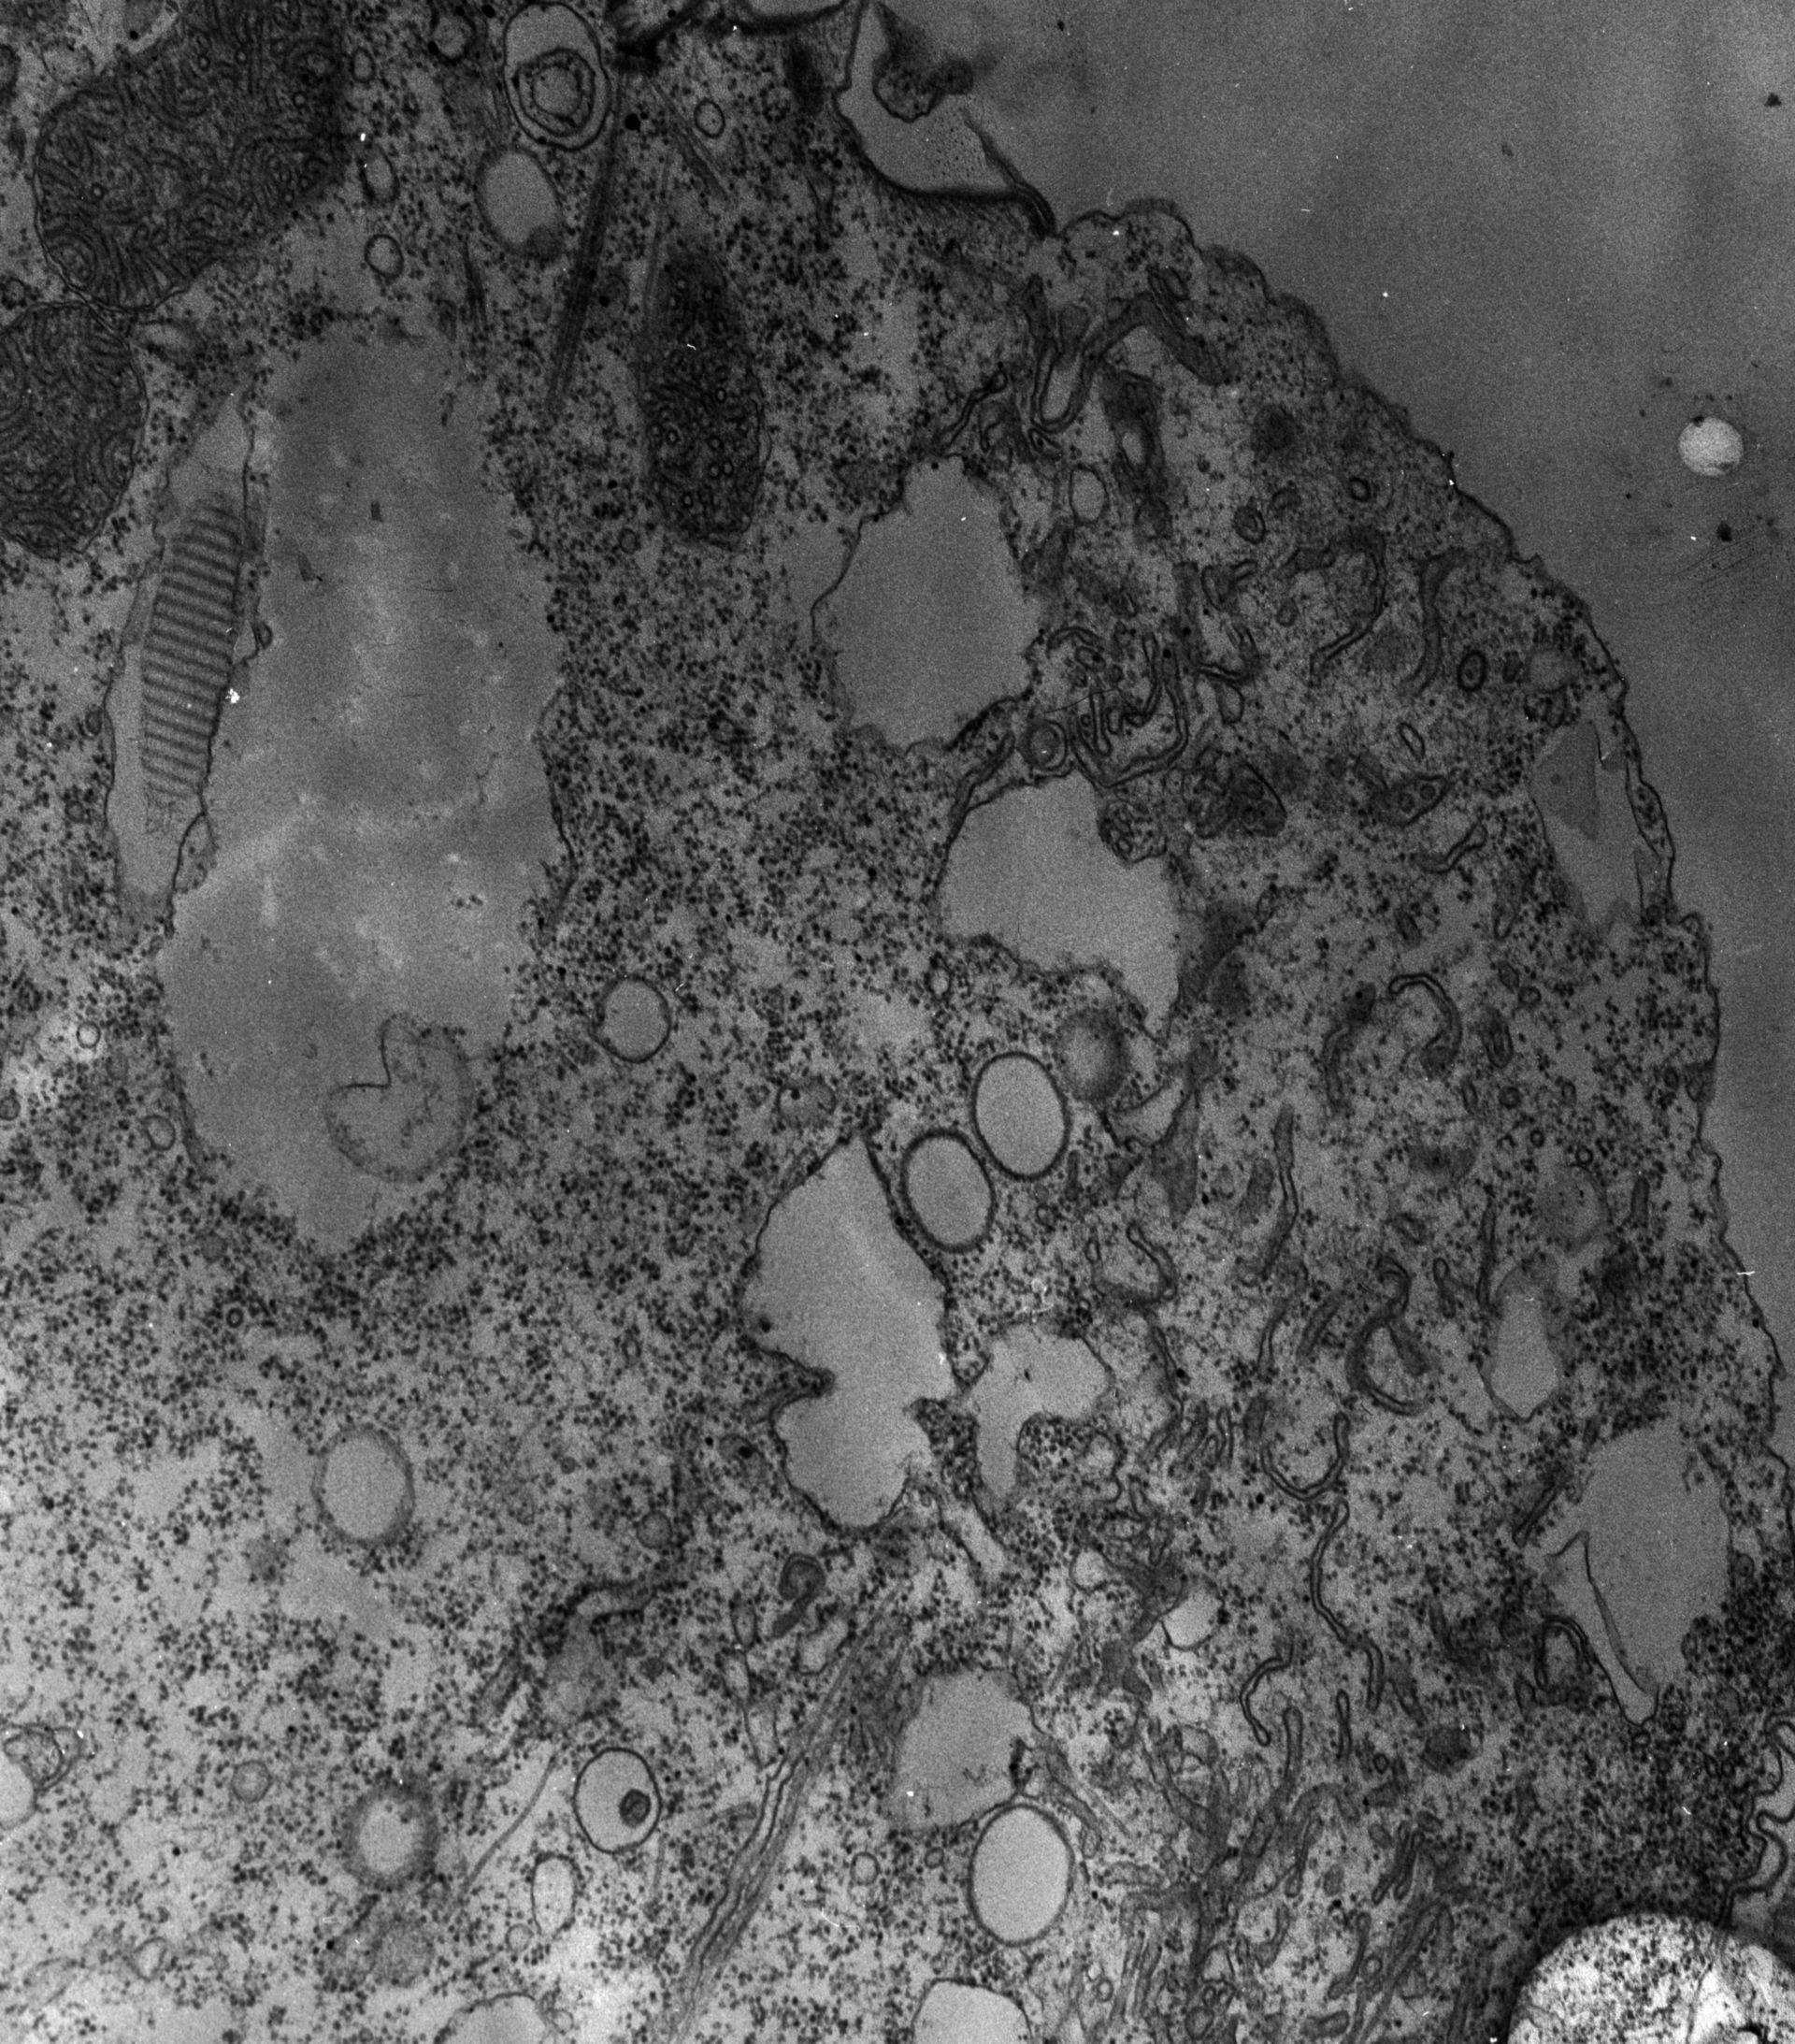 Paramecium multimicronucleatum (microtubuli) - CIL:12604